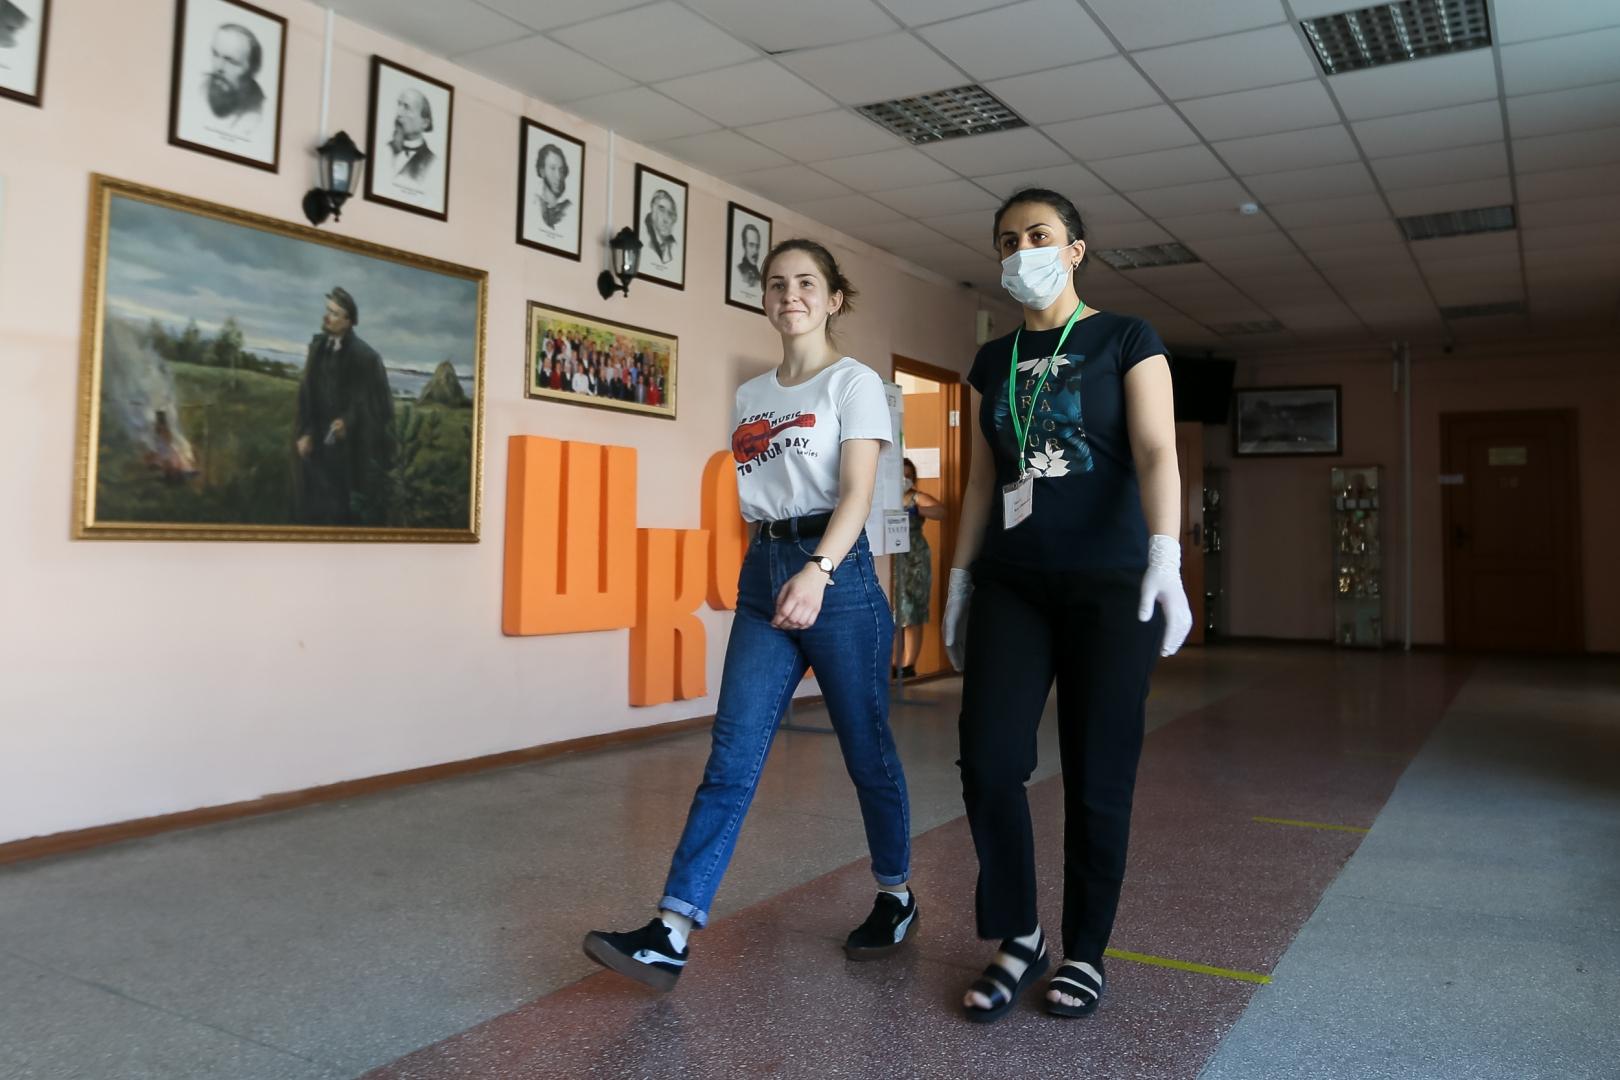 Кравцов оценил работу российских школ в условиях пандемии